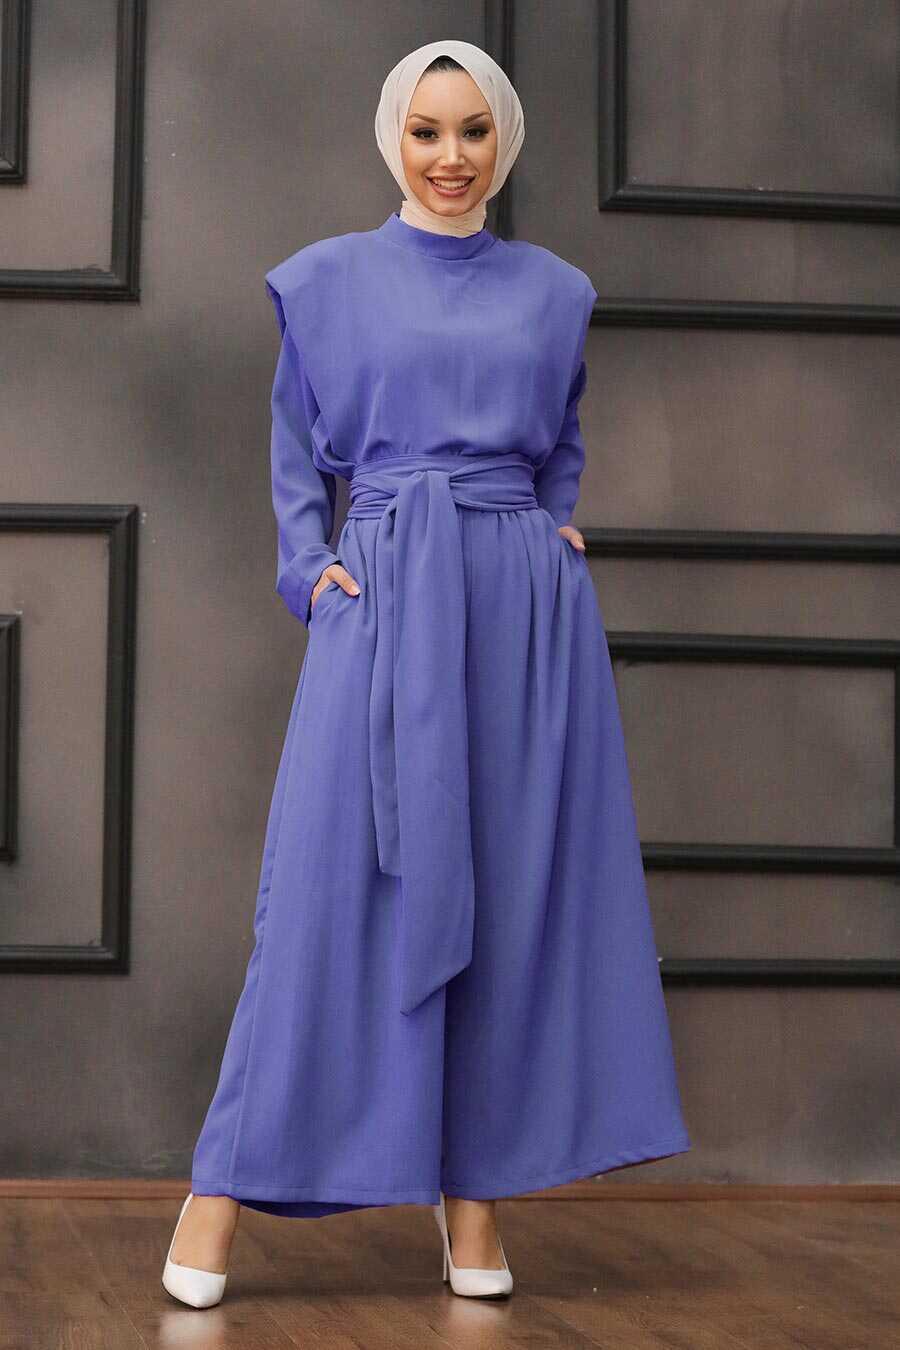 Lavander Hijab Dual Suit Dress 1471LV